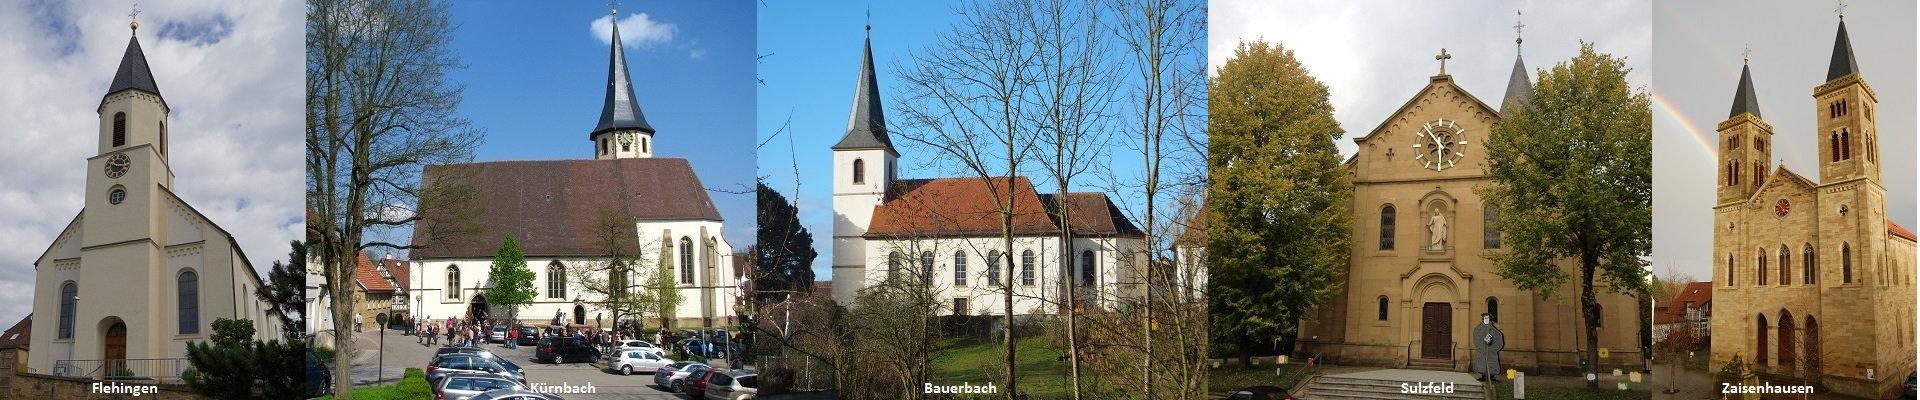 Quelle: Gemeinden Südlicher Kraichgau